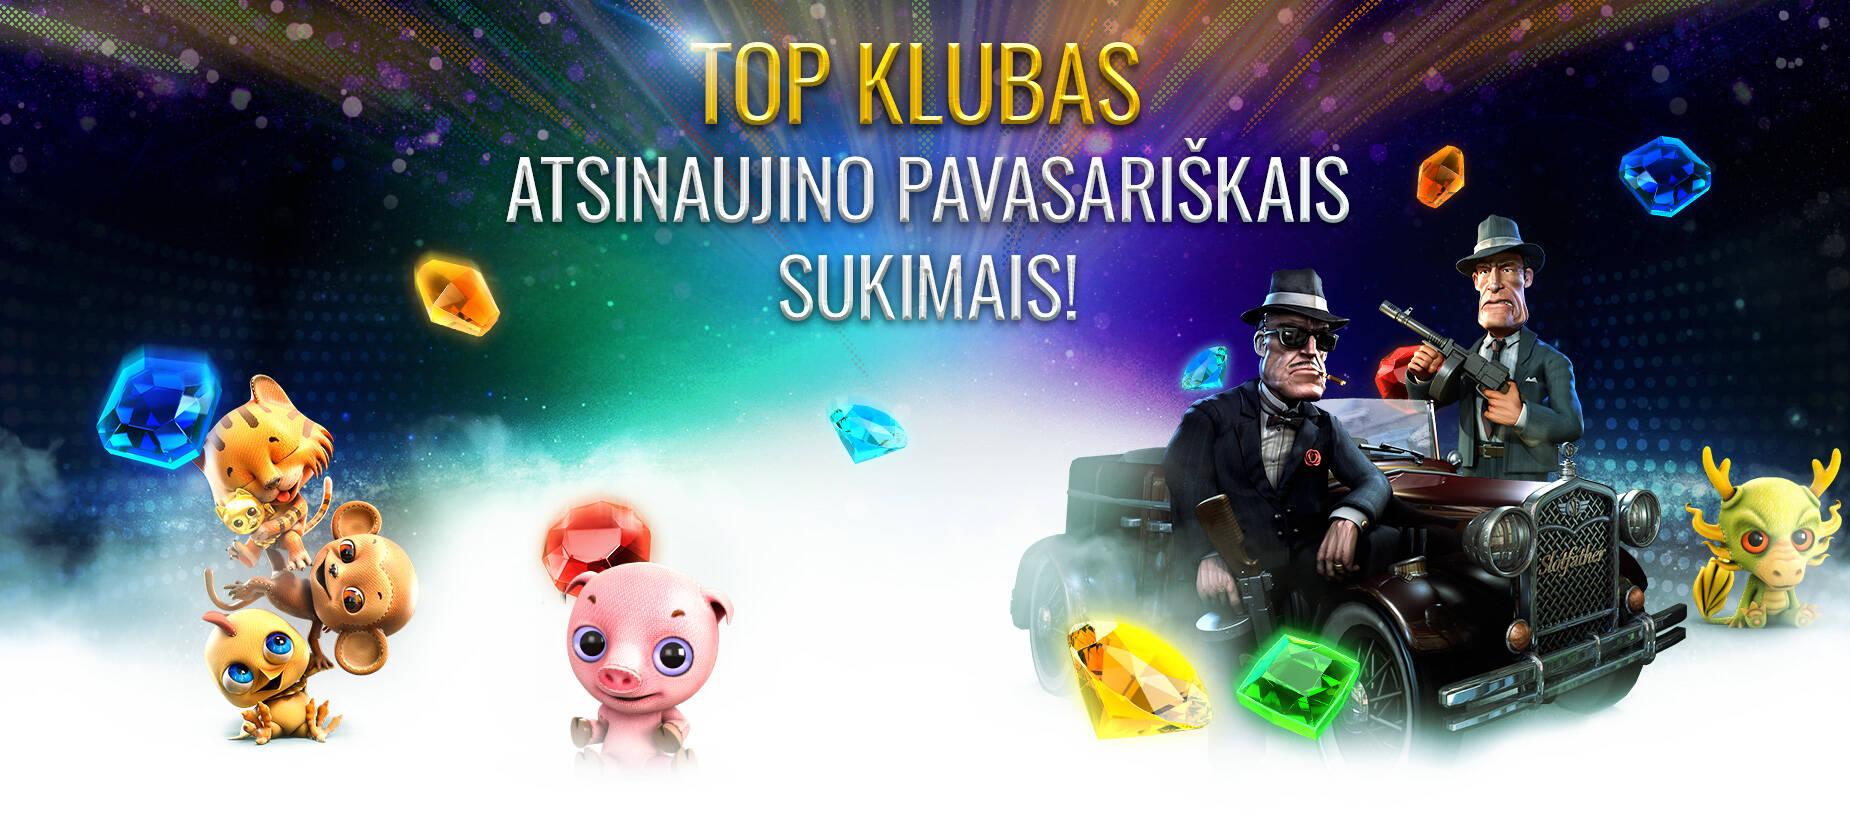 TOP KLUBAS ATSINAUJINO PAVASARIŠKAIS SUKIMAIS!